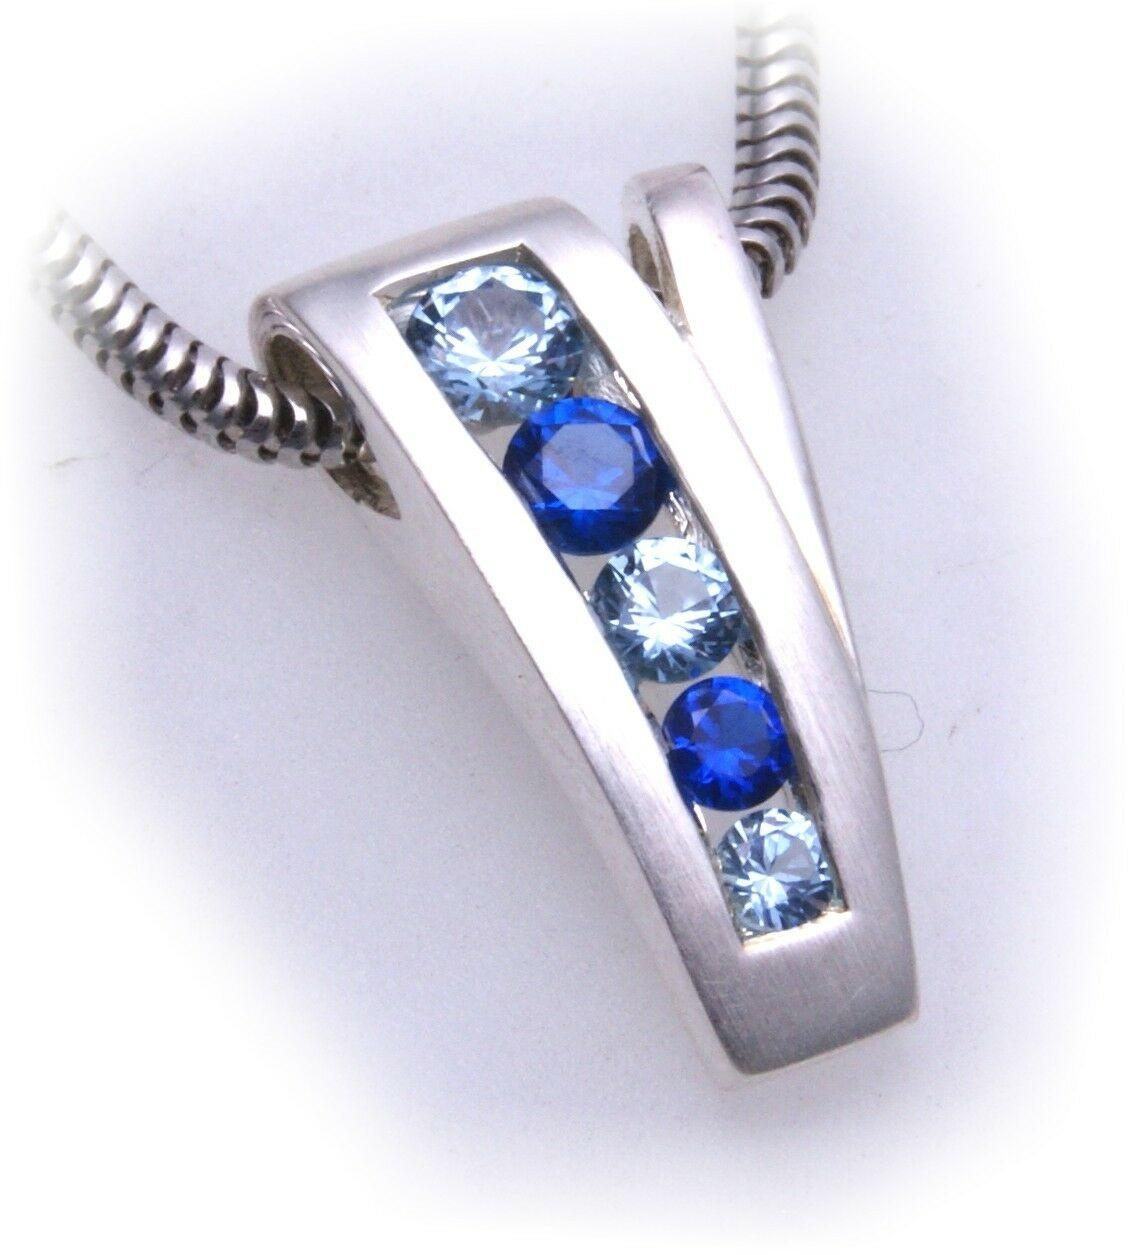 Anhänger echt Silber 925 mit Spinell blau mattiert Sterlingsilber